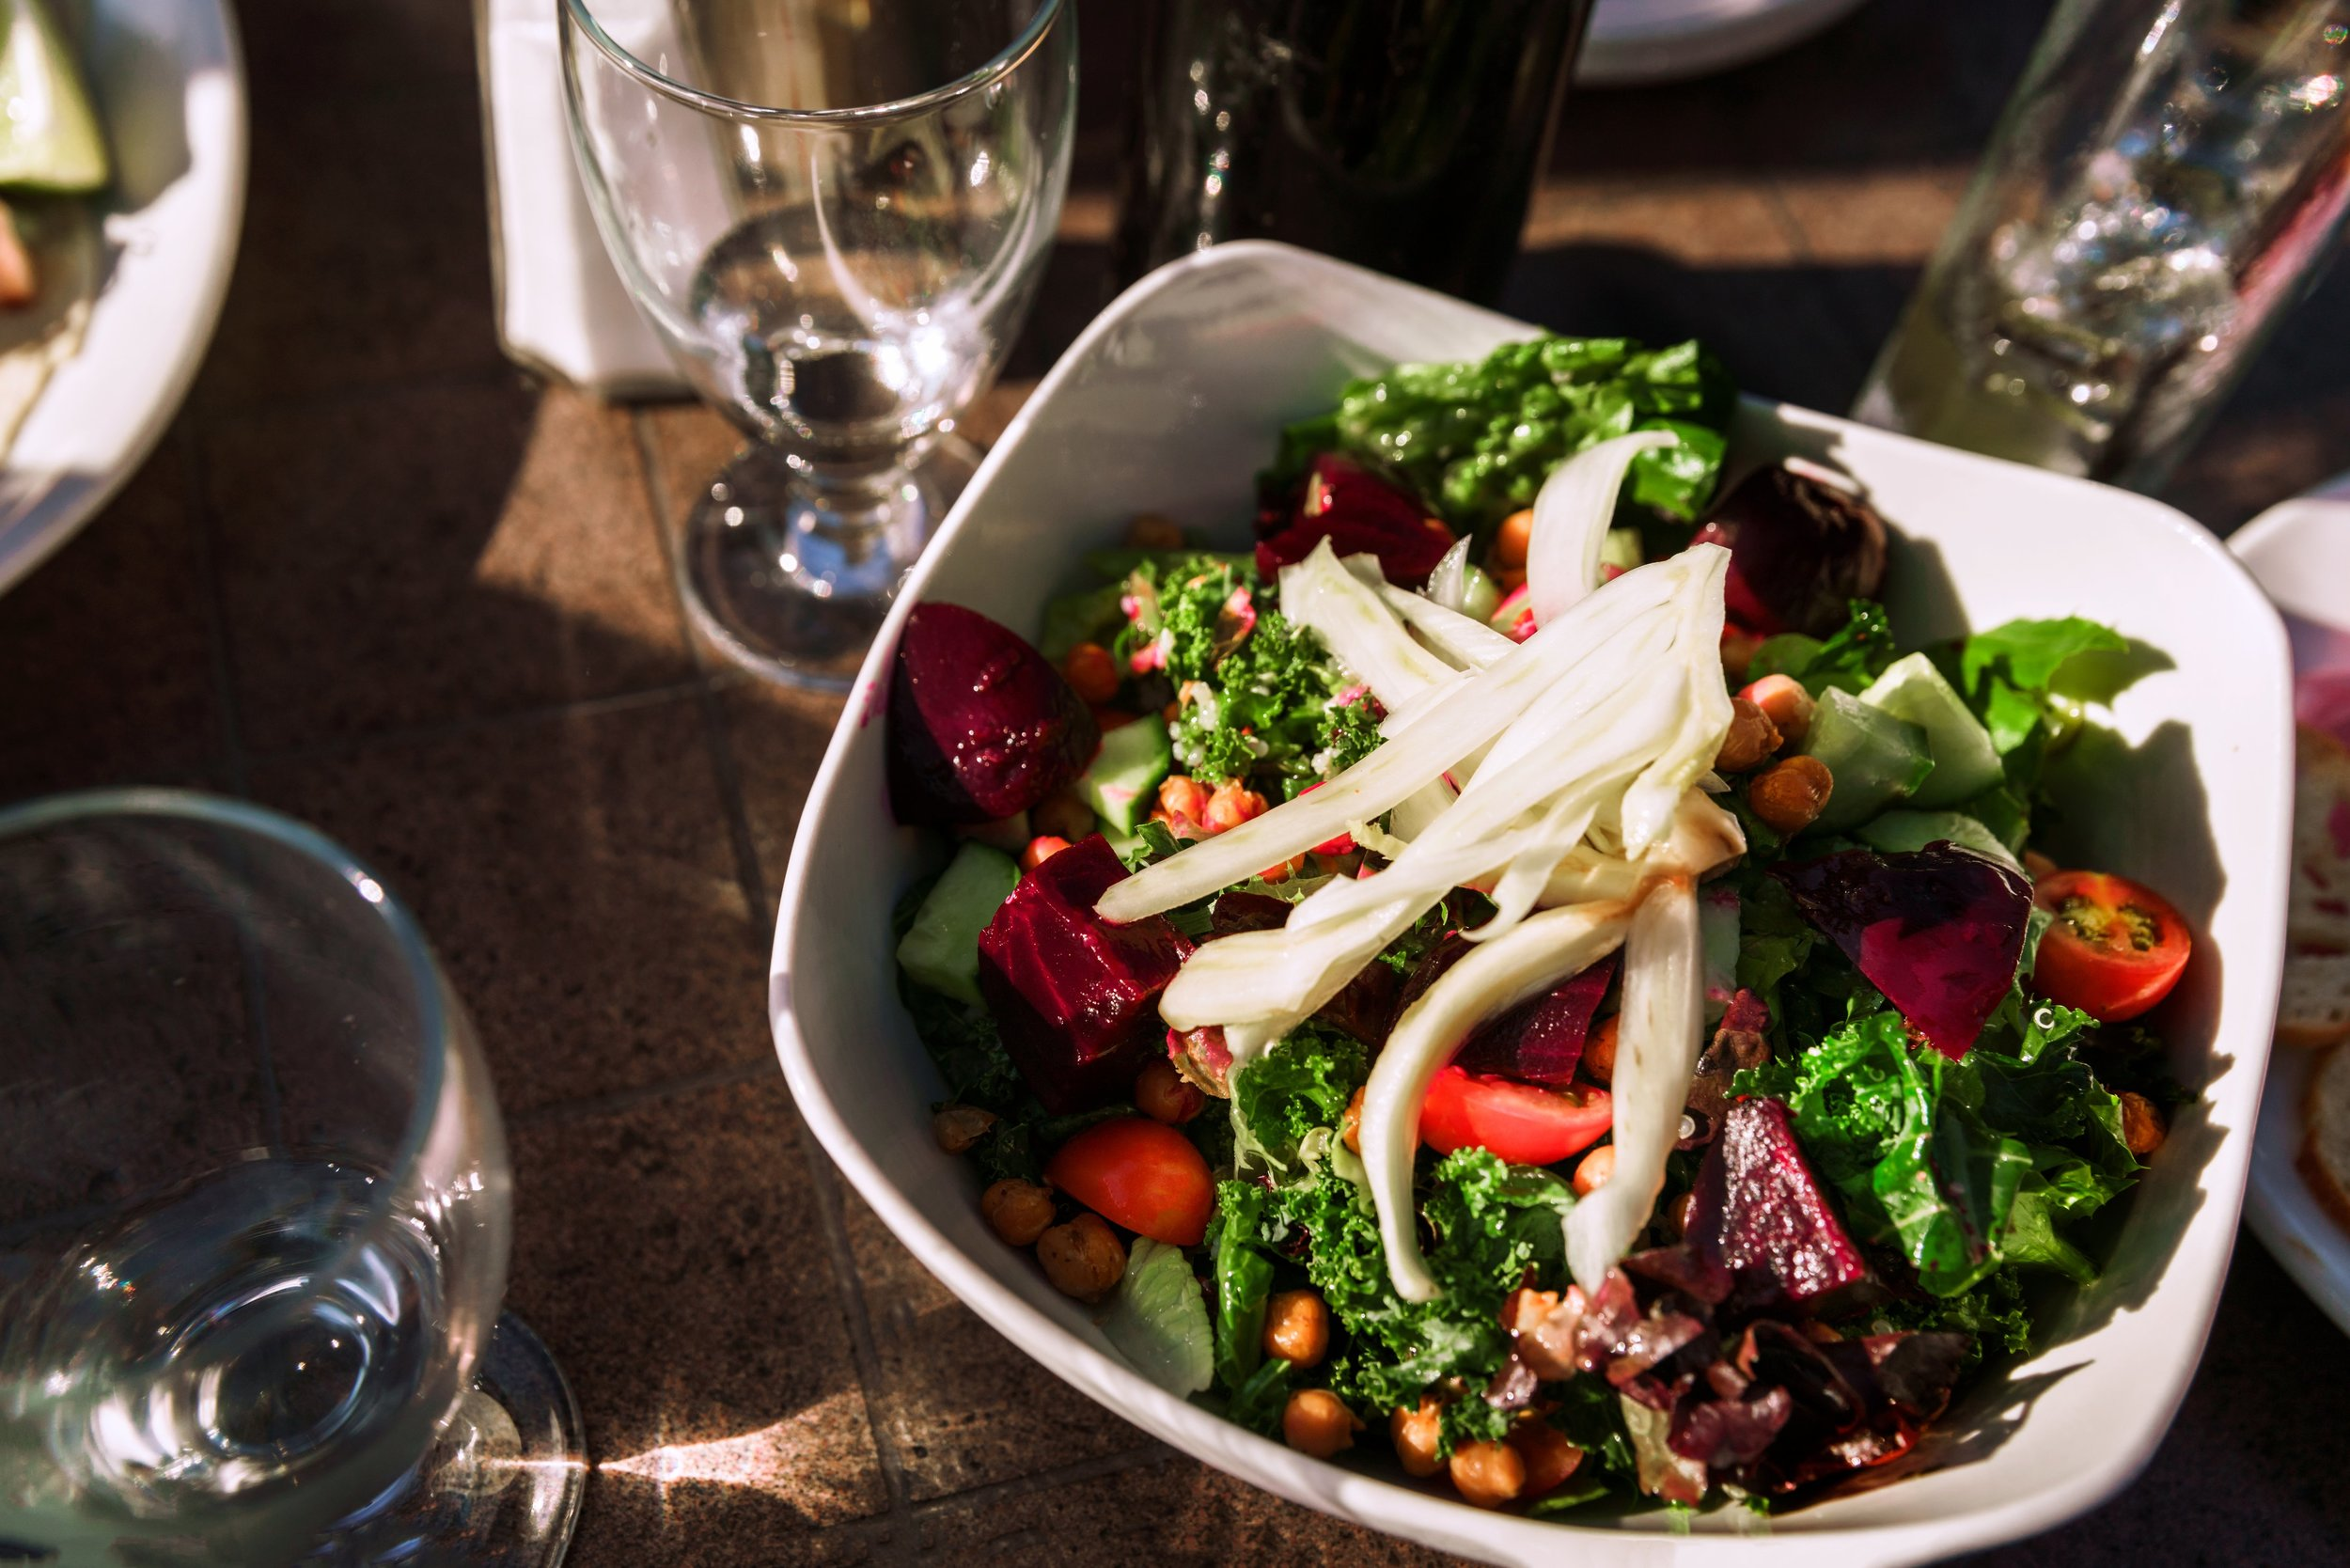 dinner-salad_4460x4460.jpg